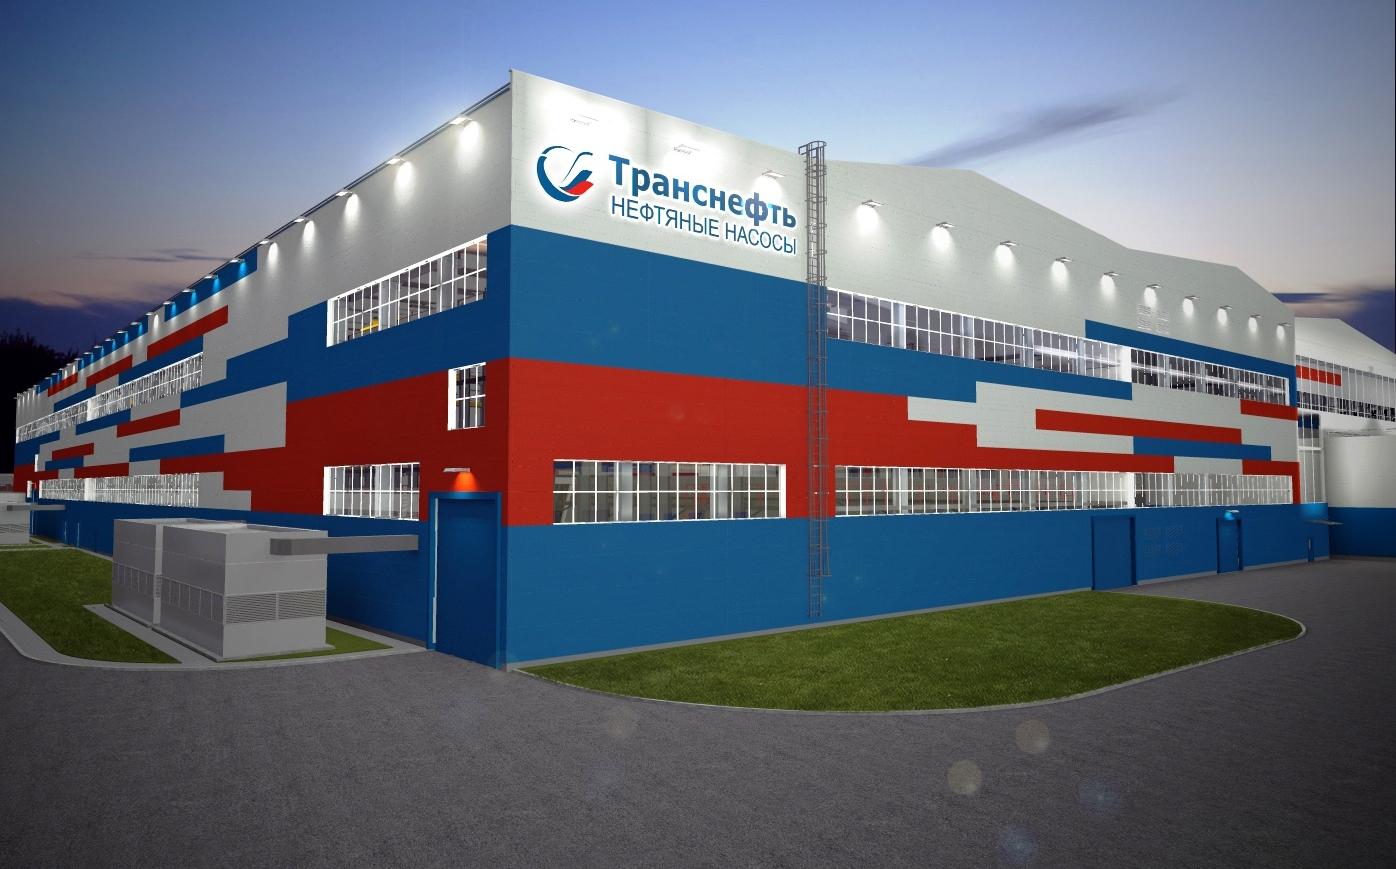 Визуализация фасада завода АО ТНН